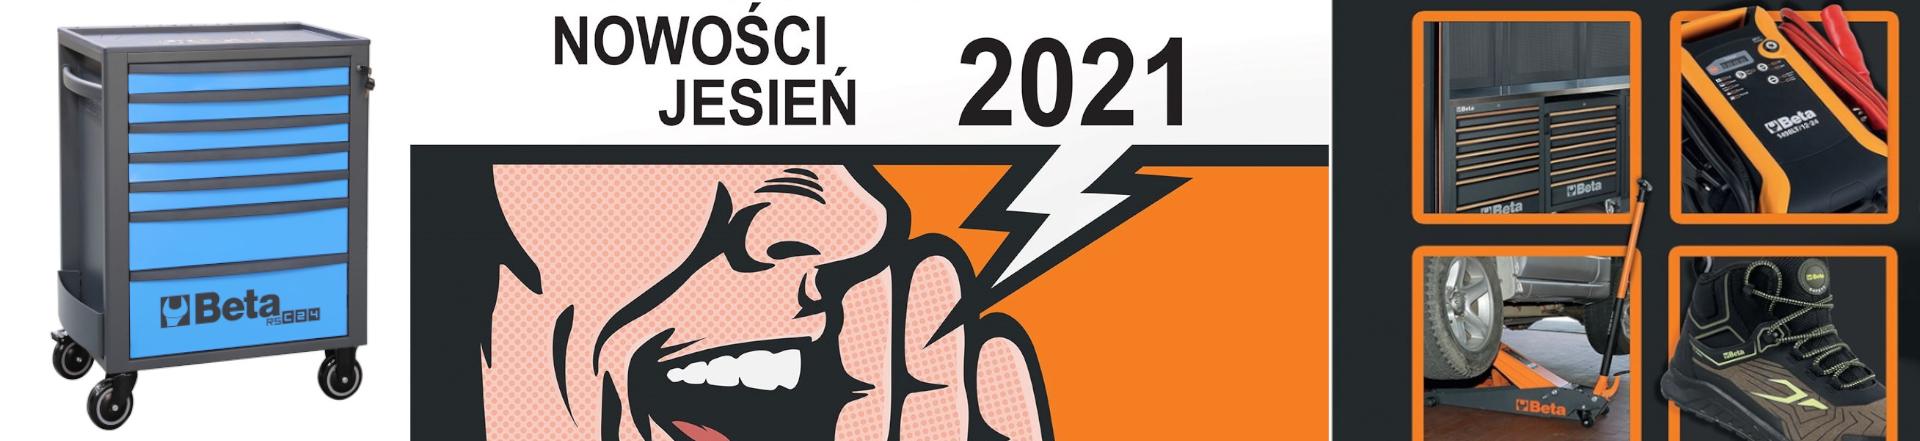 Nowości jesień 2021